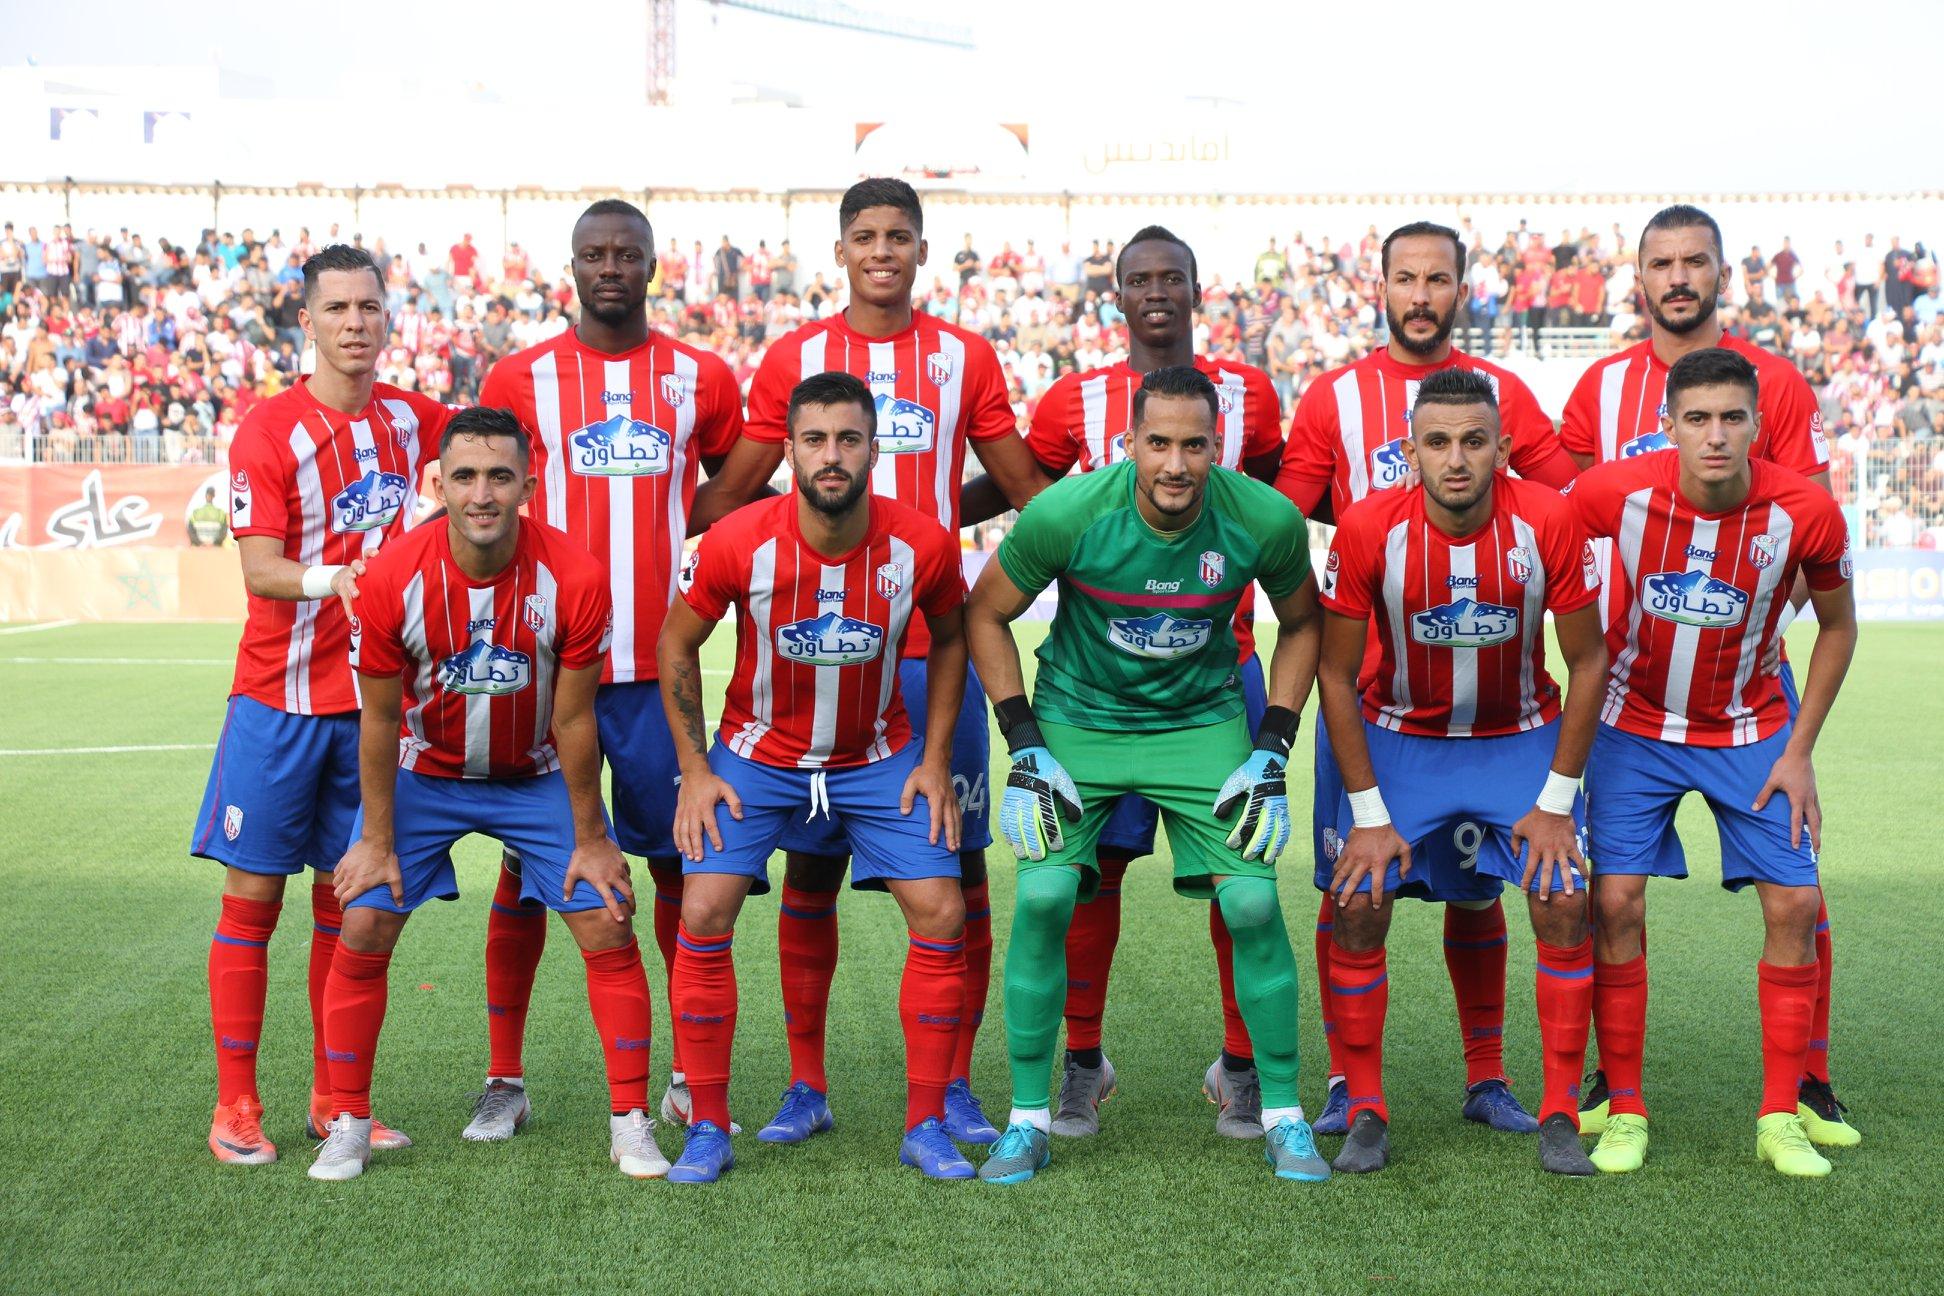 كأس العرش: المغرب التطواني يبلغ ربع النهاية على حساب الراسينغ